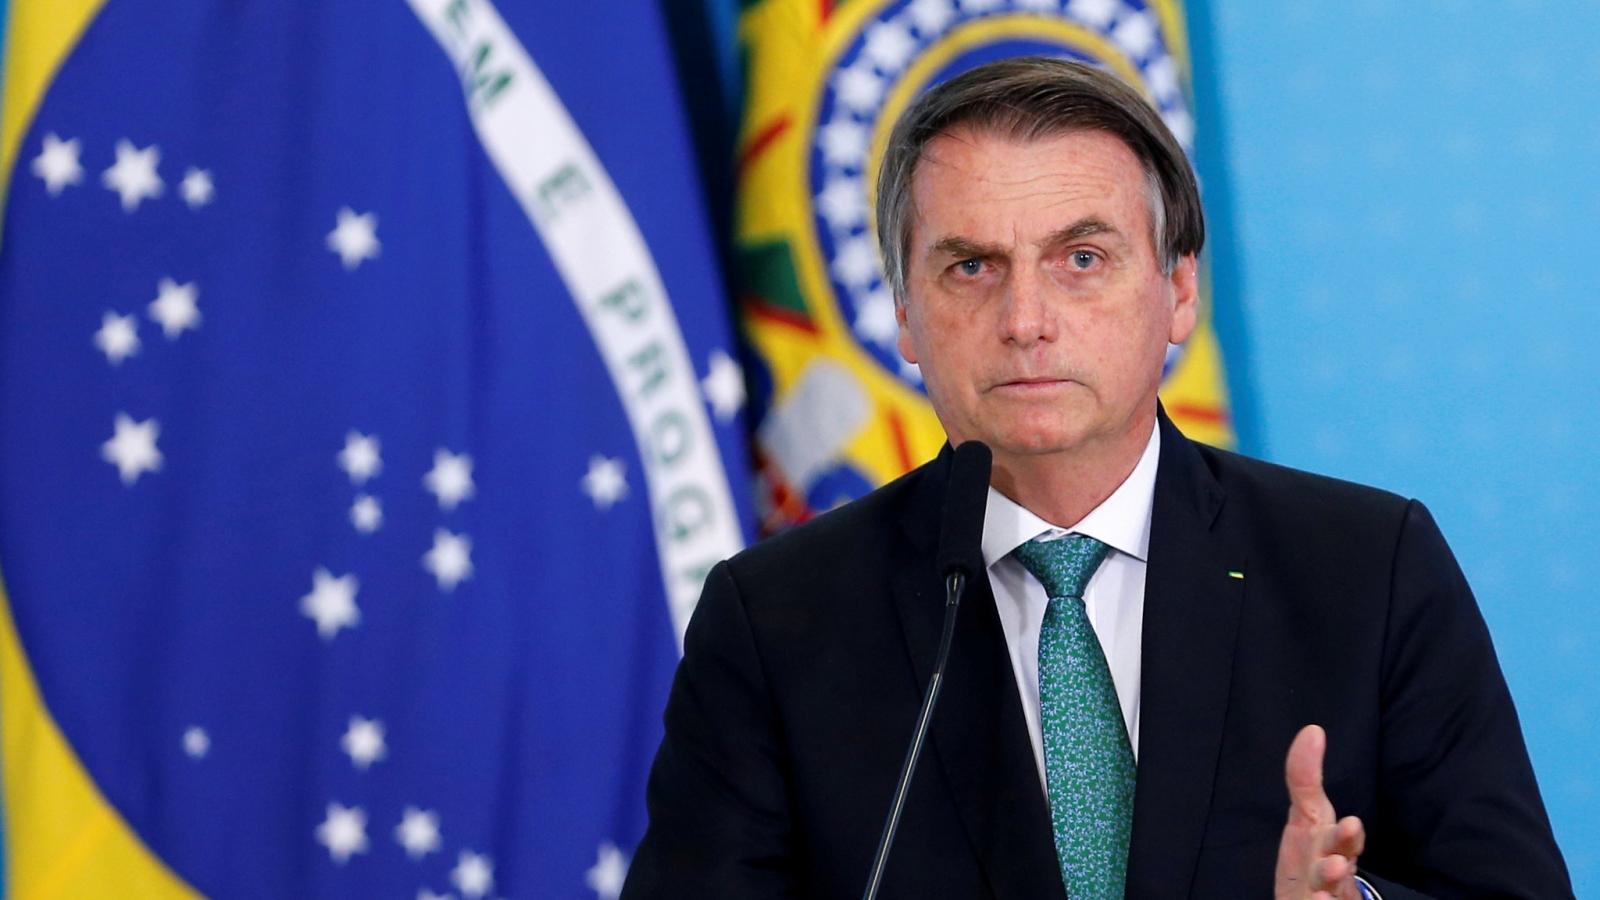 Dịch Covid-19 phức tạp, Tổng thống Brazil thúc đẩy tiêm chủng